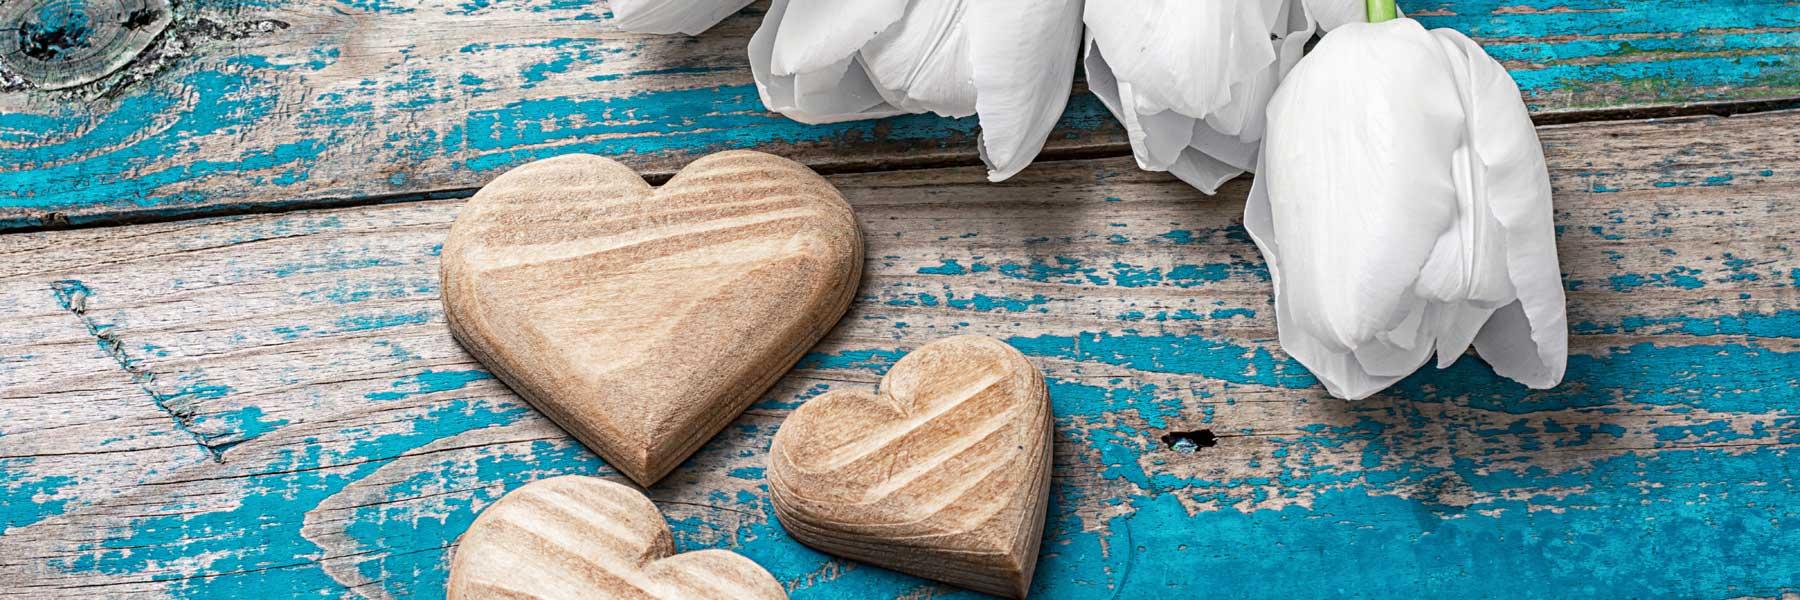 Pack decoración romántica